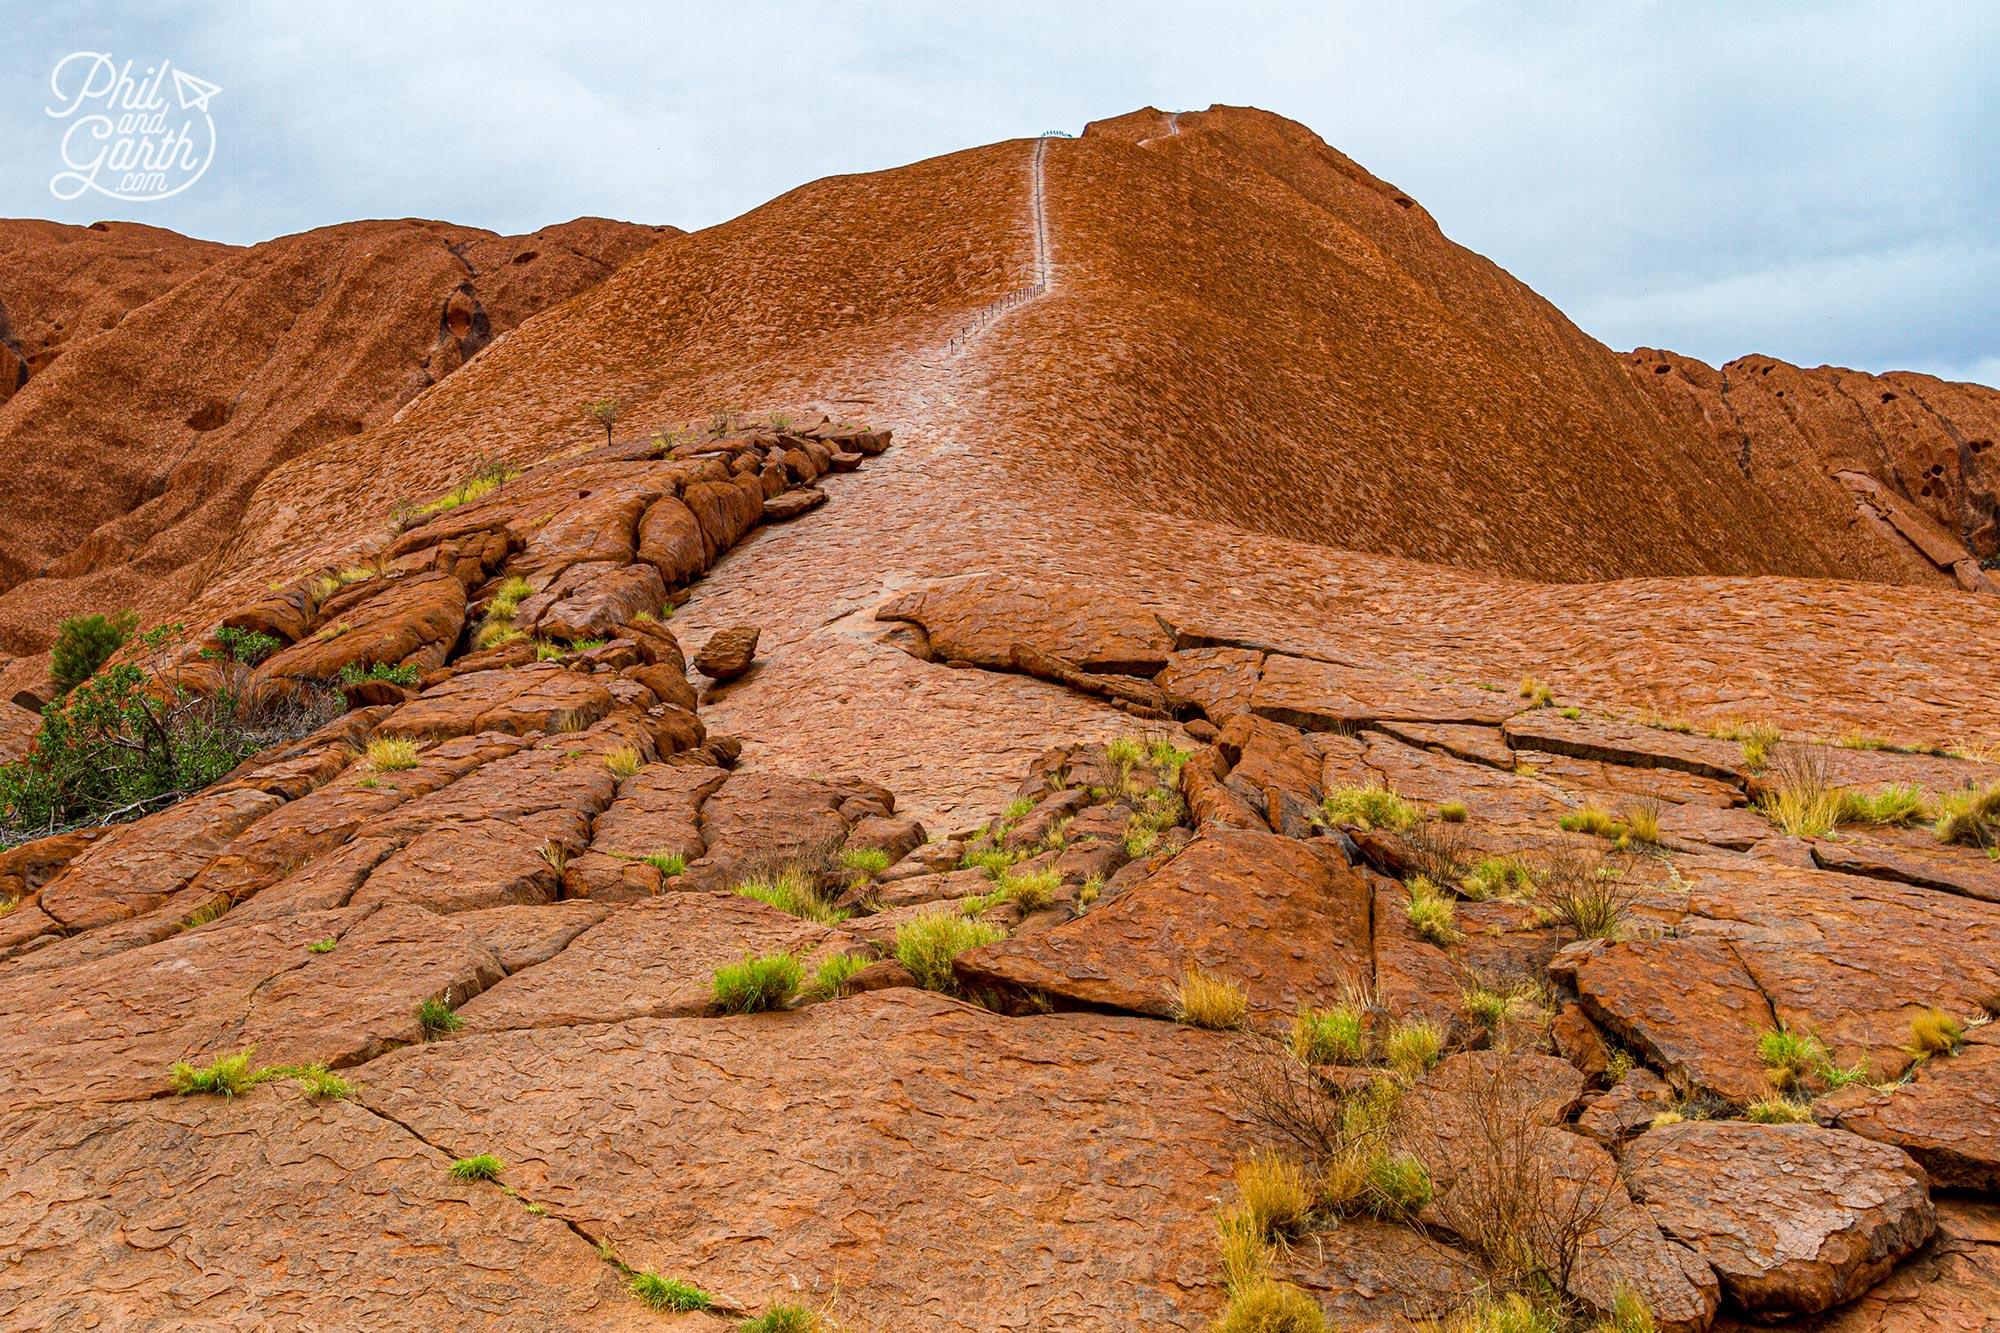 The old hiking path to the top of Uluru